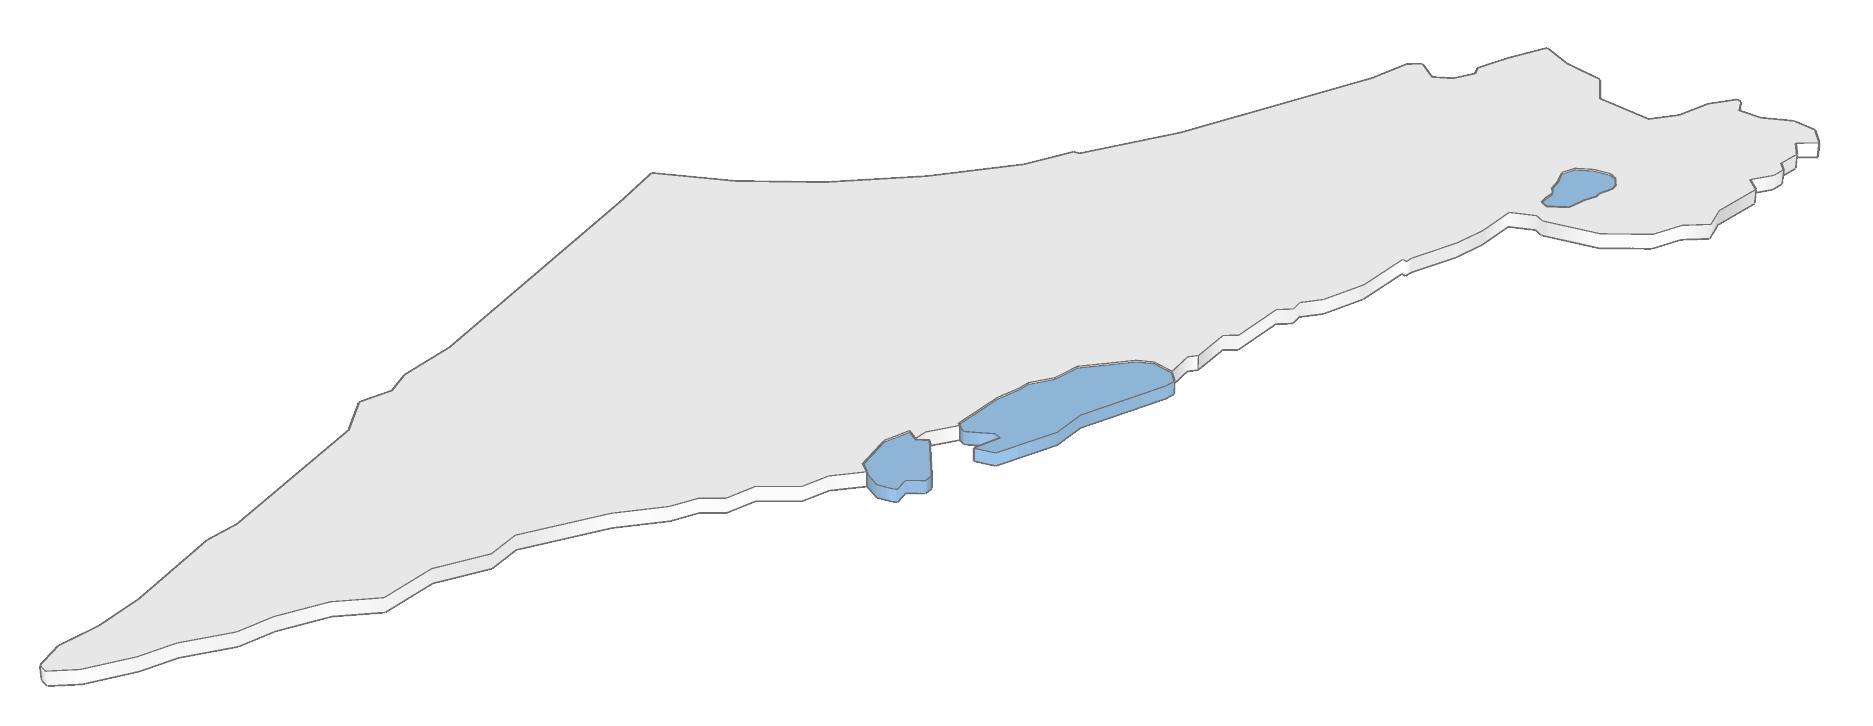 מפת ישראל בתלת מימד